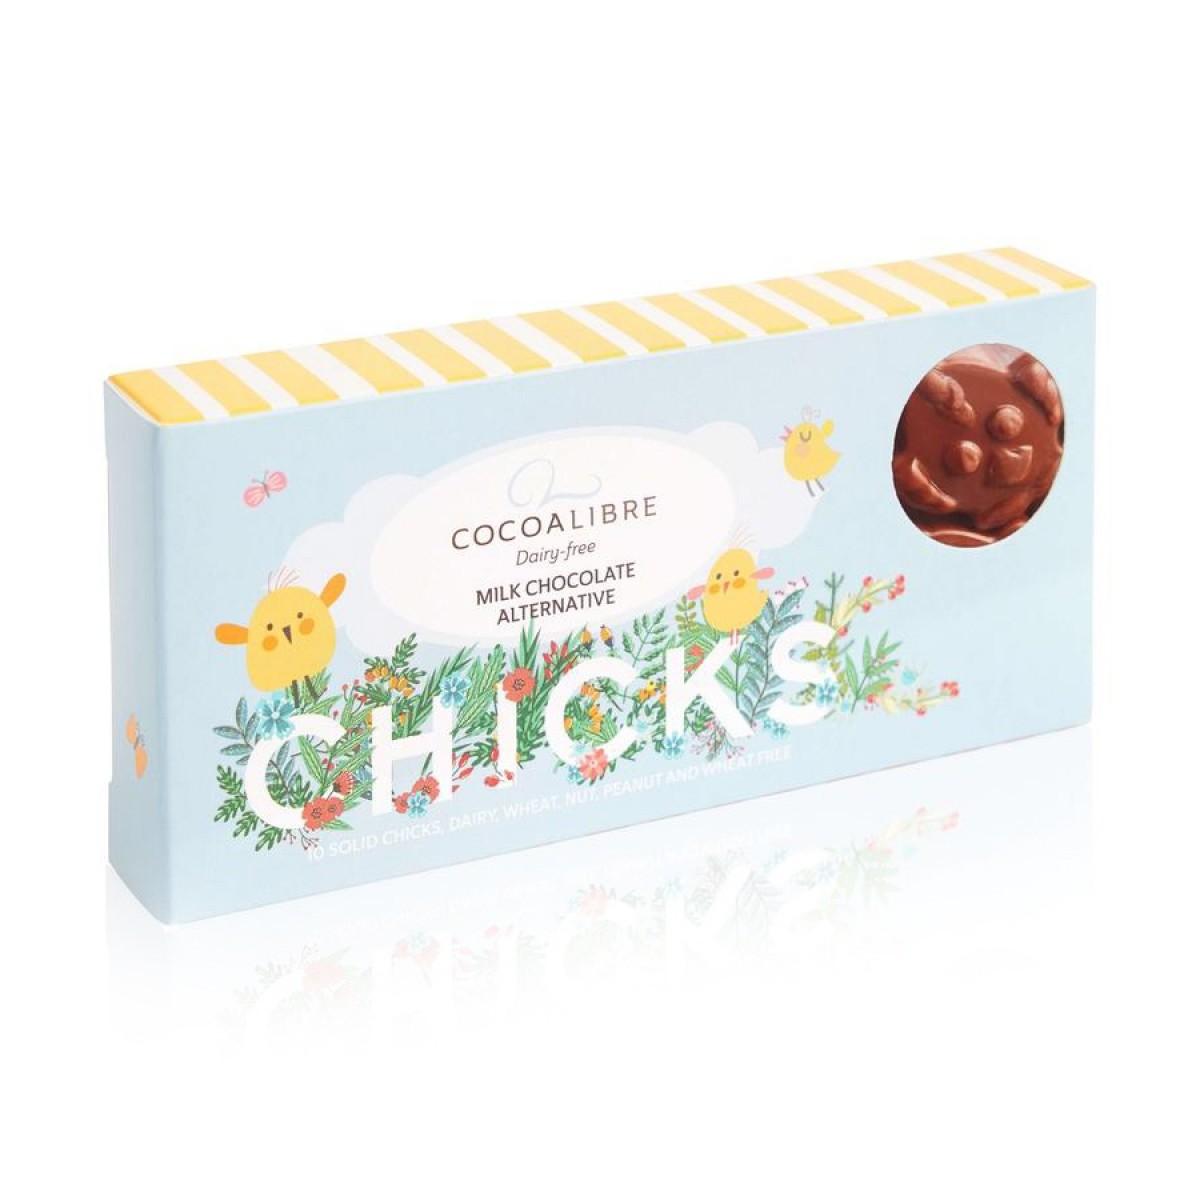 Chocolade Paaskuikentjes Lactosevrij